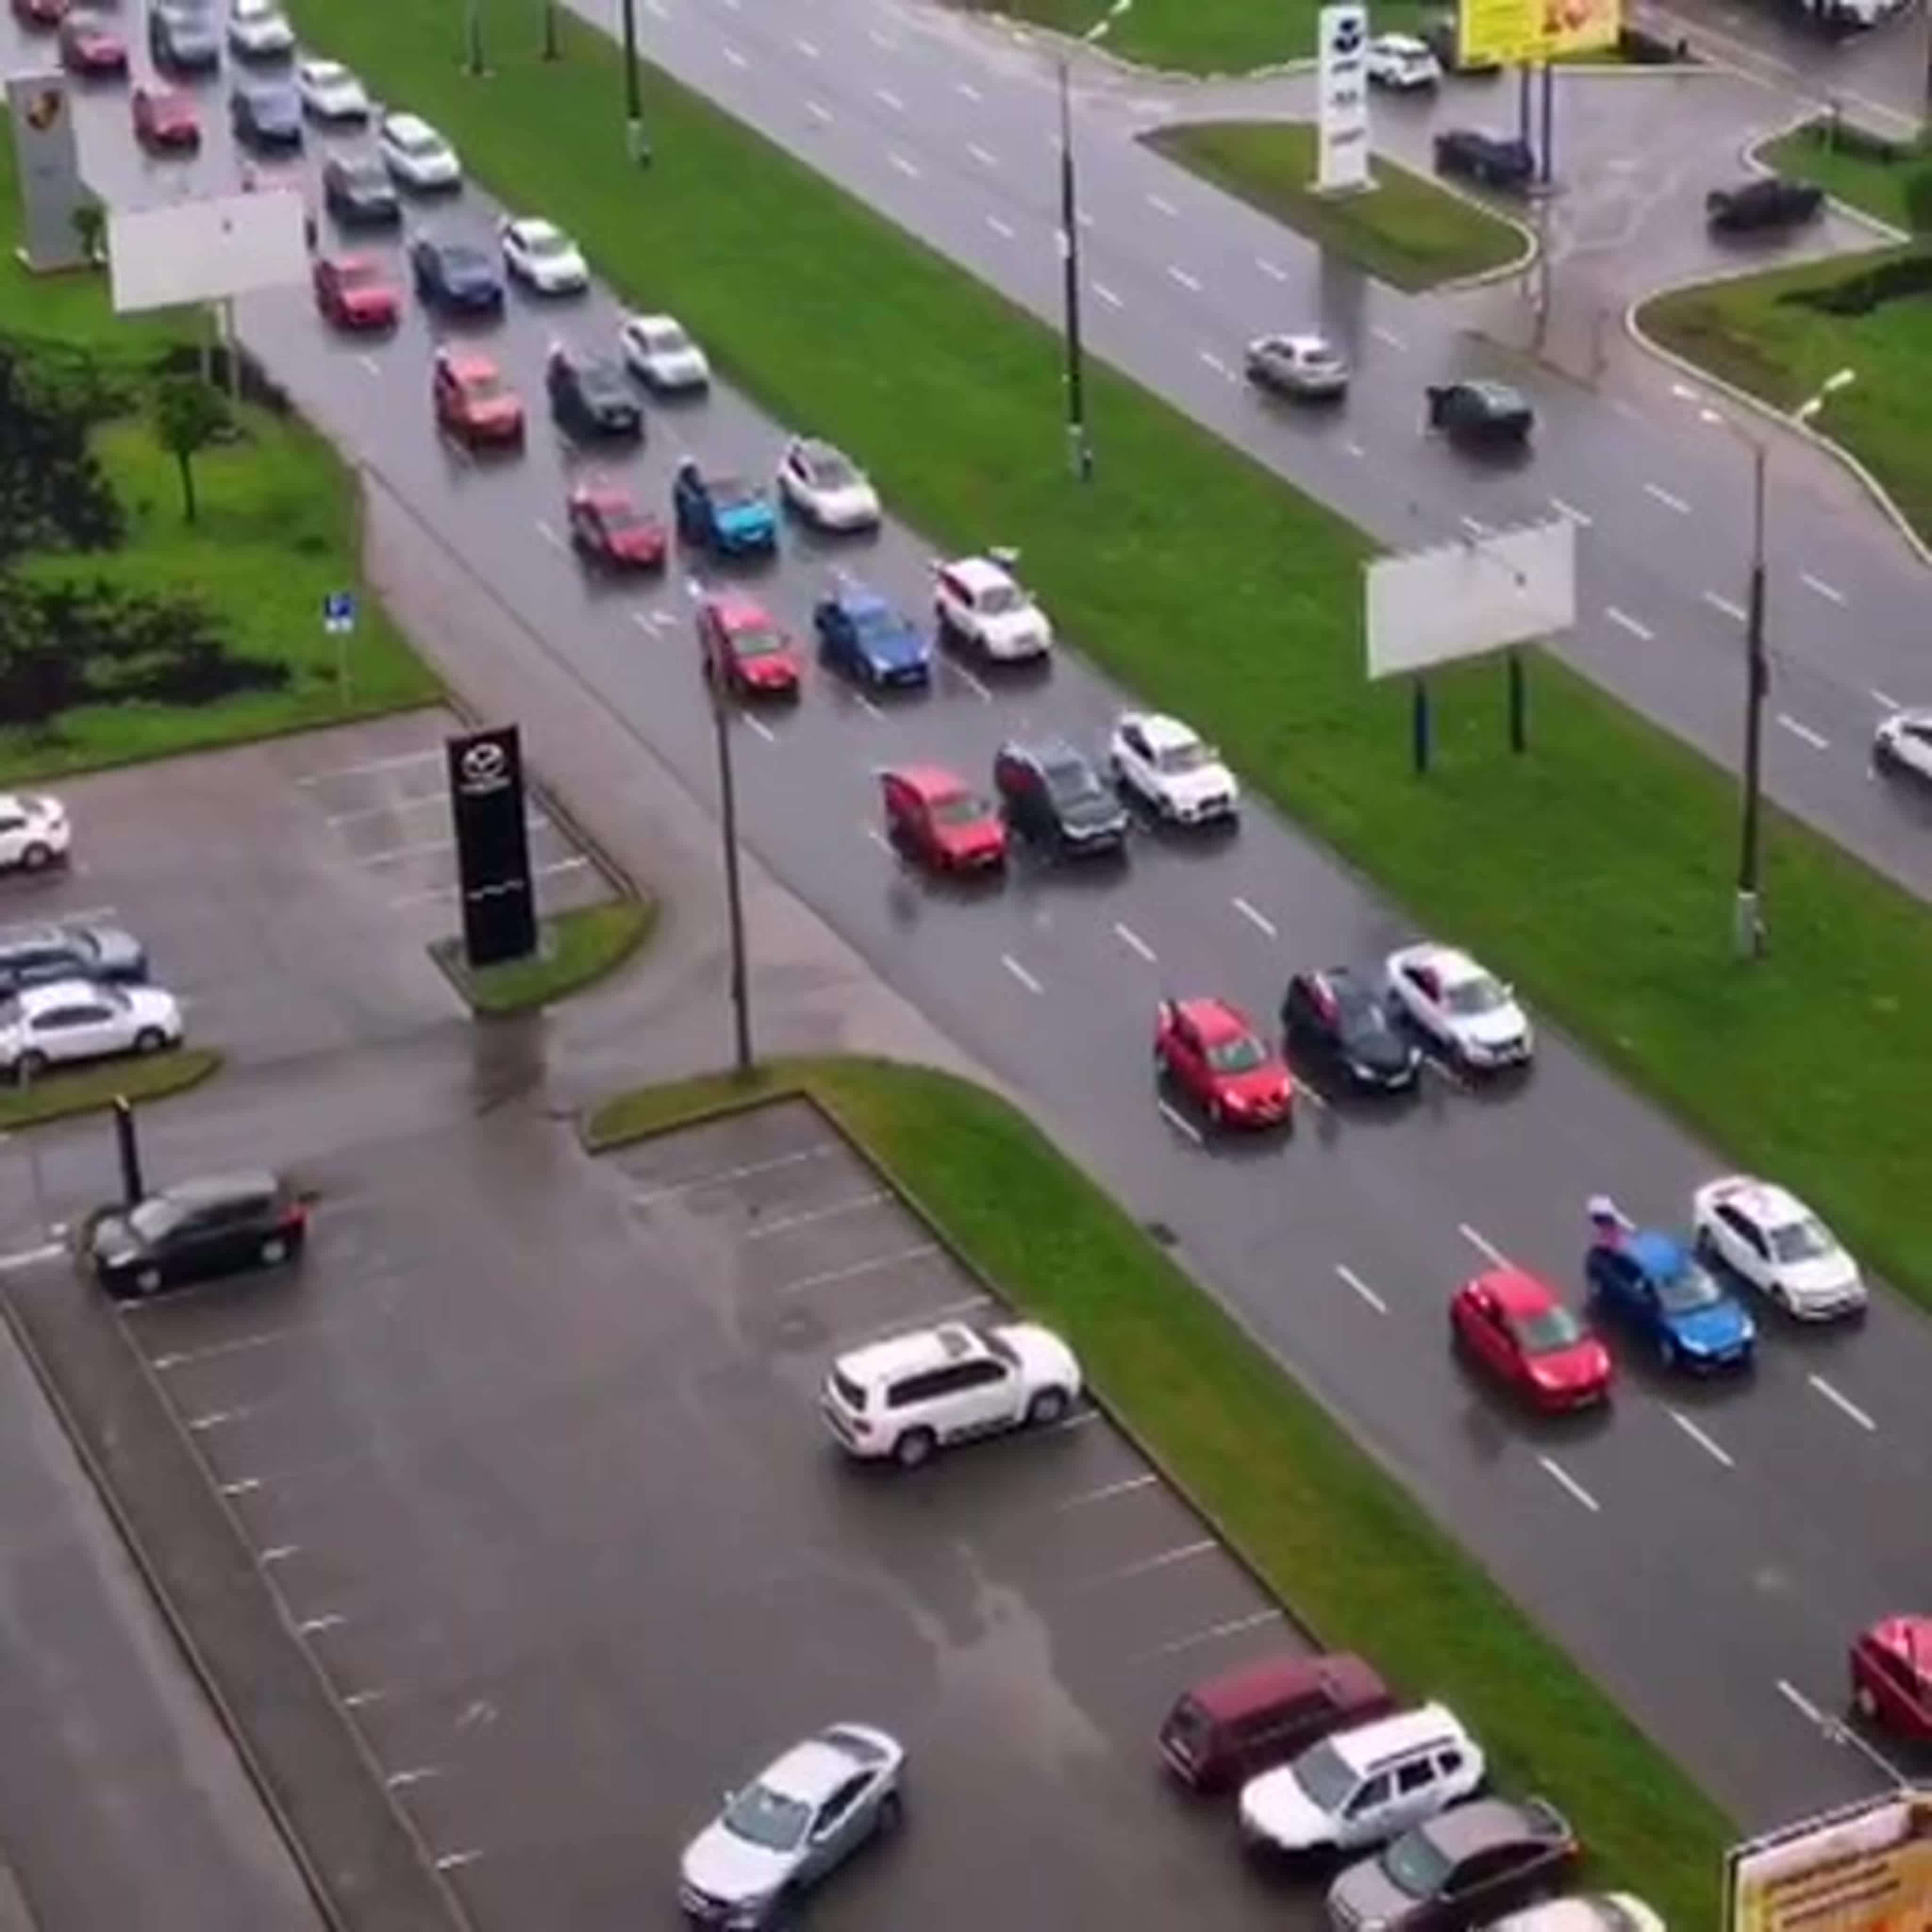 Автопробег «Триколор» пройдет 22 августа в ИжевскеВладельцы